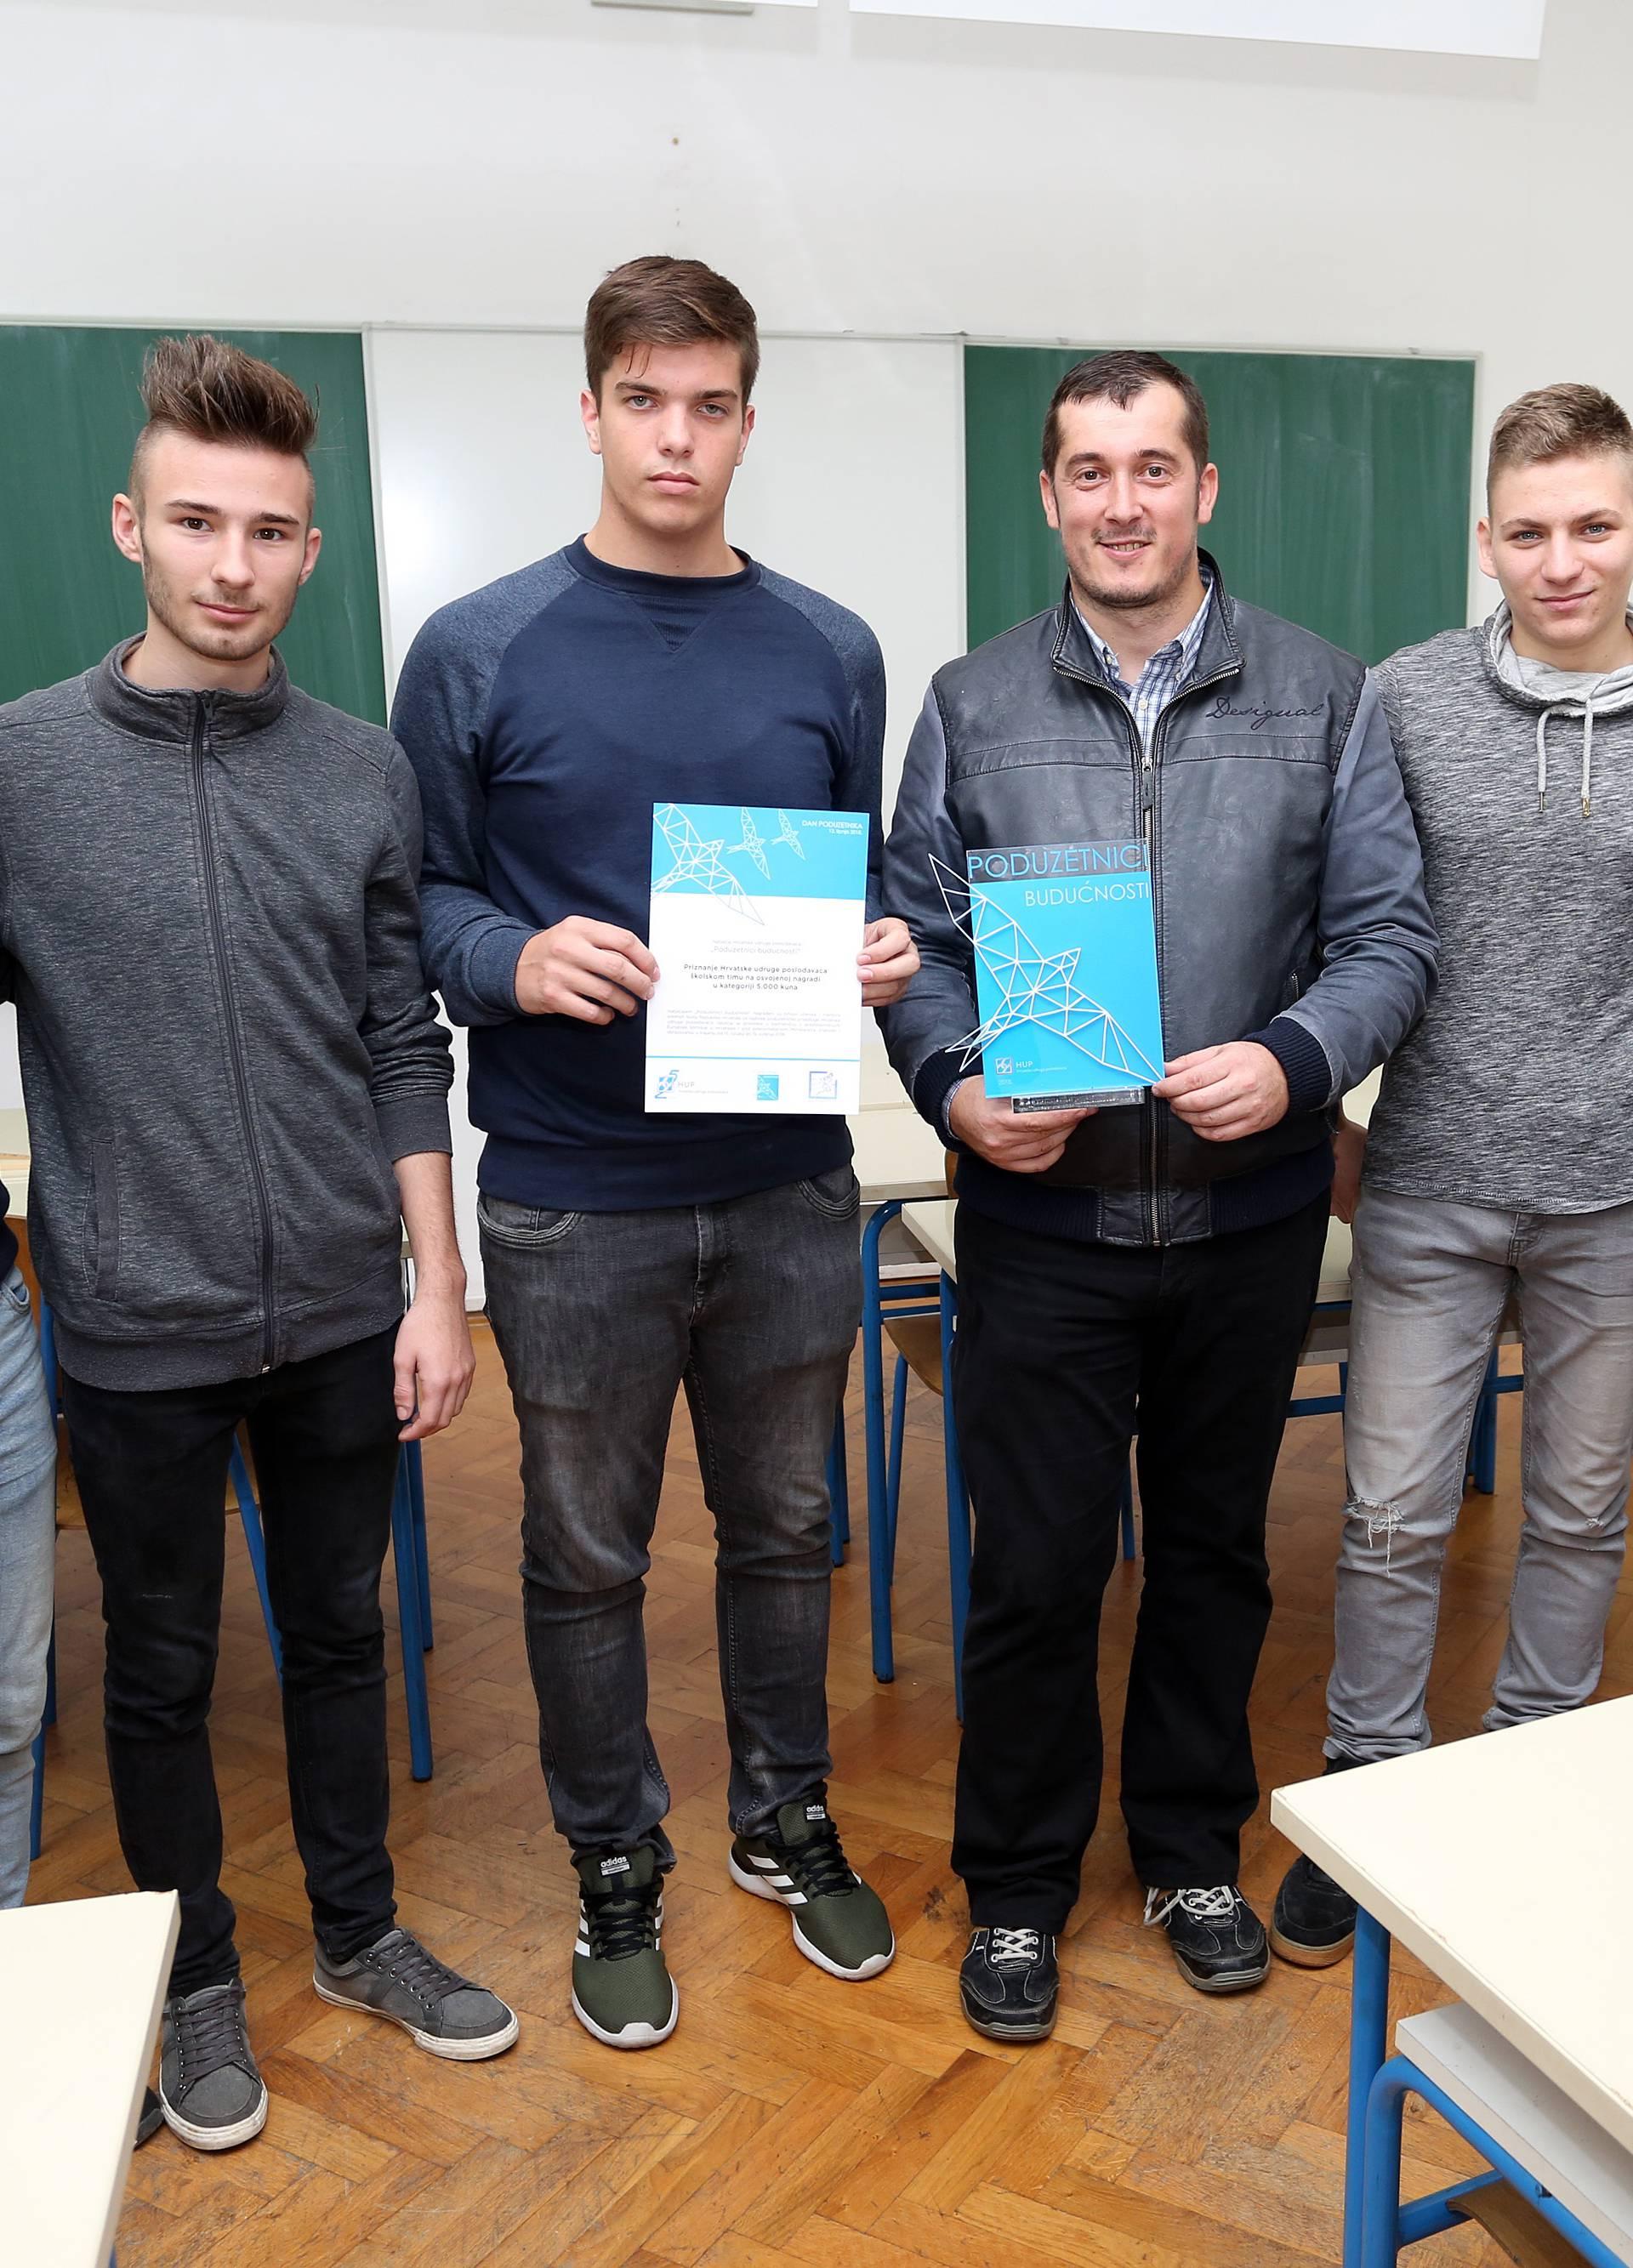 """Ogulin: HUP uručio priznanje pobjenicima natječaja """"""""Poduzetnici budućnosti"""""""